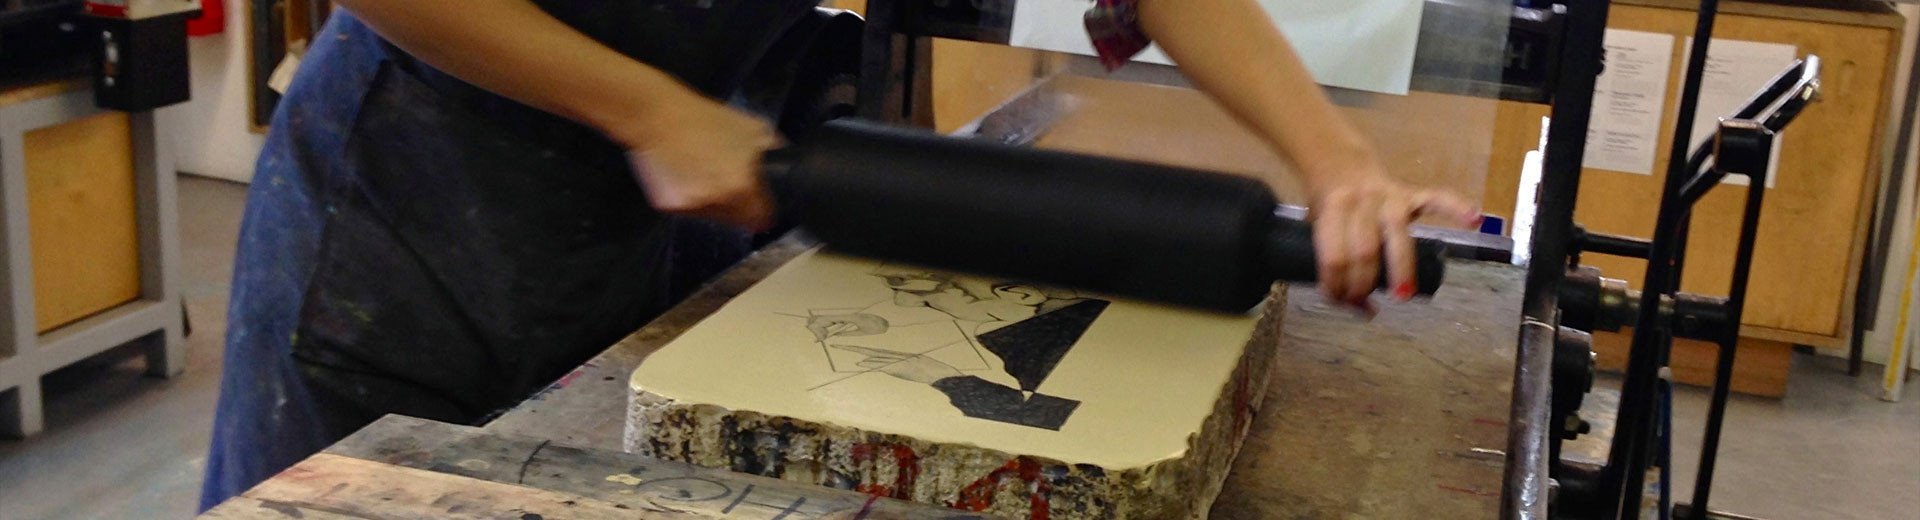 Okładka artykułu Techniki druku. Część II — Litografia, czyli zanim pojawił się offset